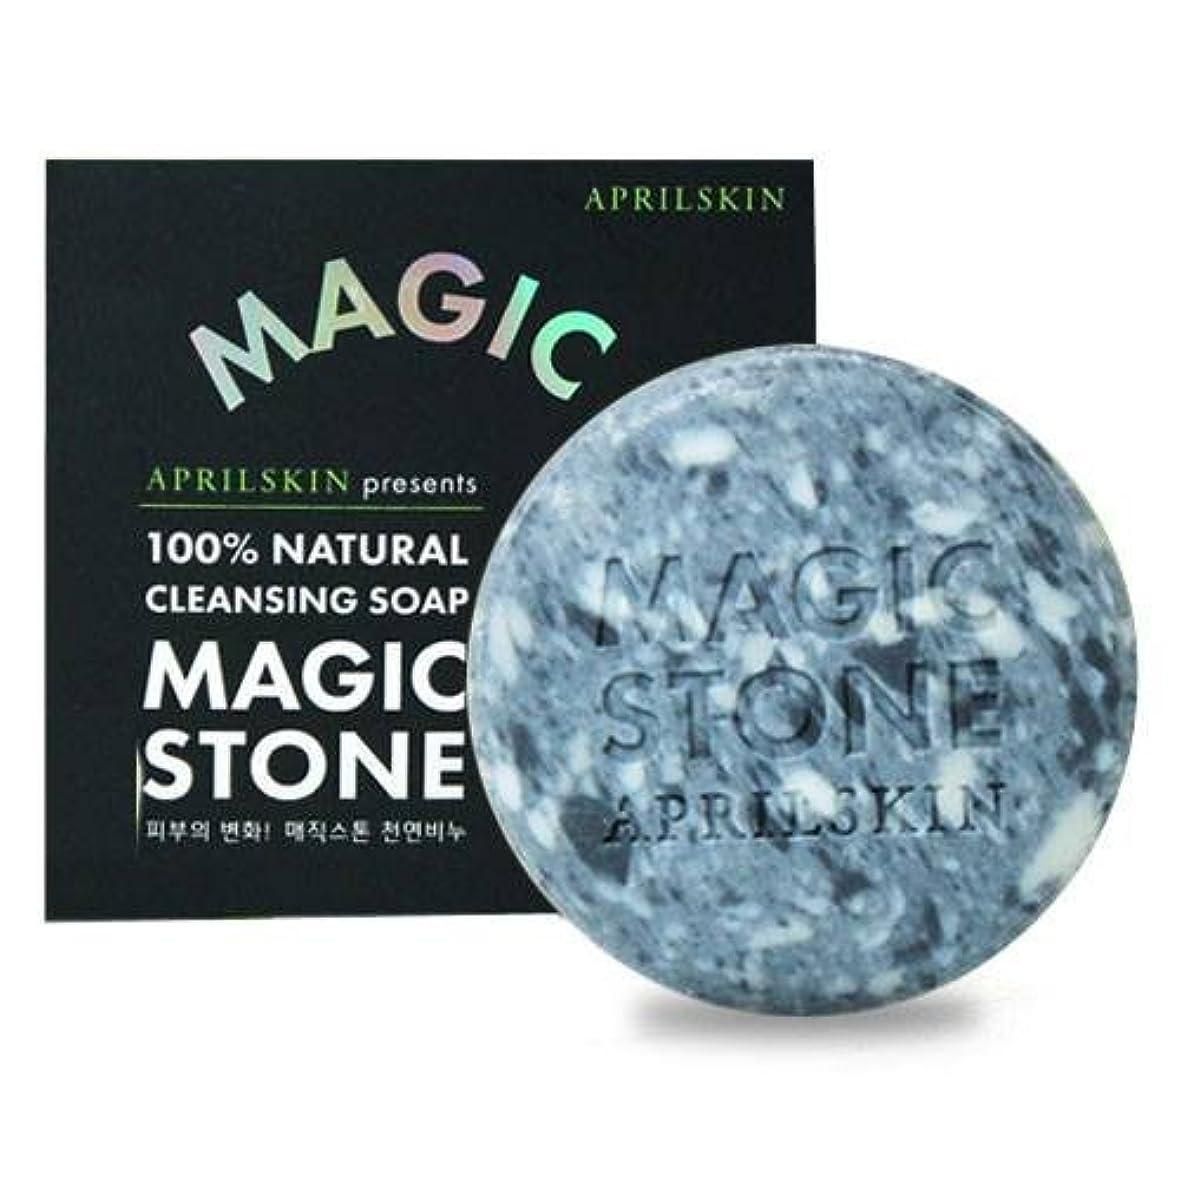 マナーロール社会主義[APRILSKIN] エイプリルスキン国民石鹸 (APRIL SKIN magic stone マジックストーンのリニューアルバージョン新発売) (ORIGINAL) [並行輸入品]